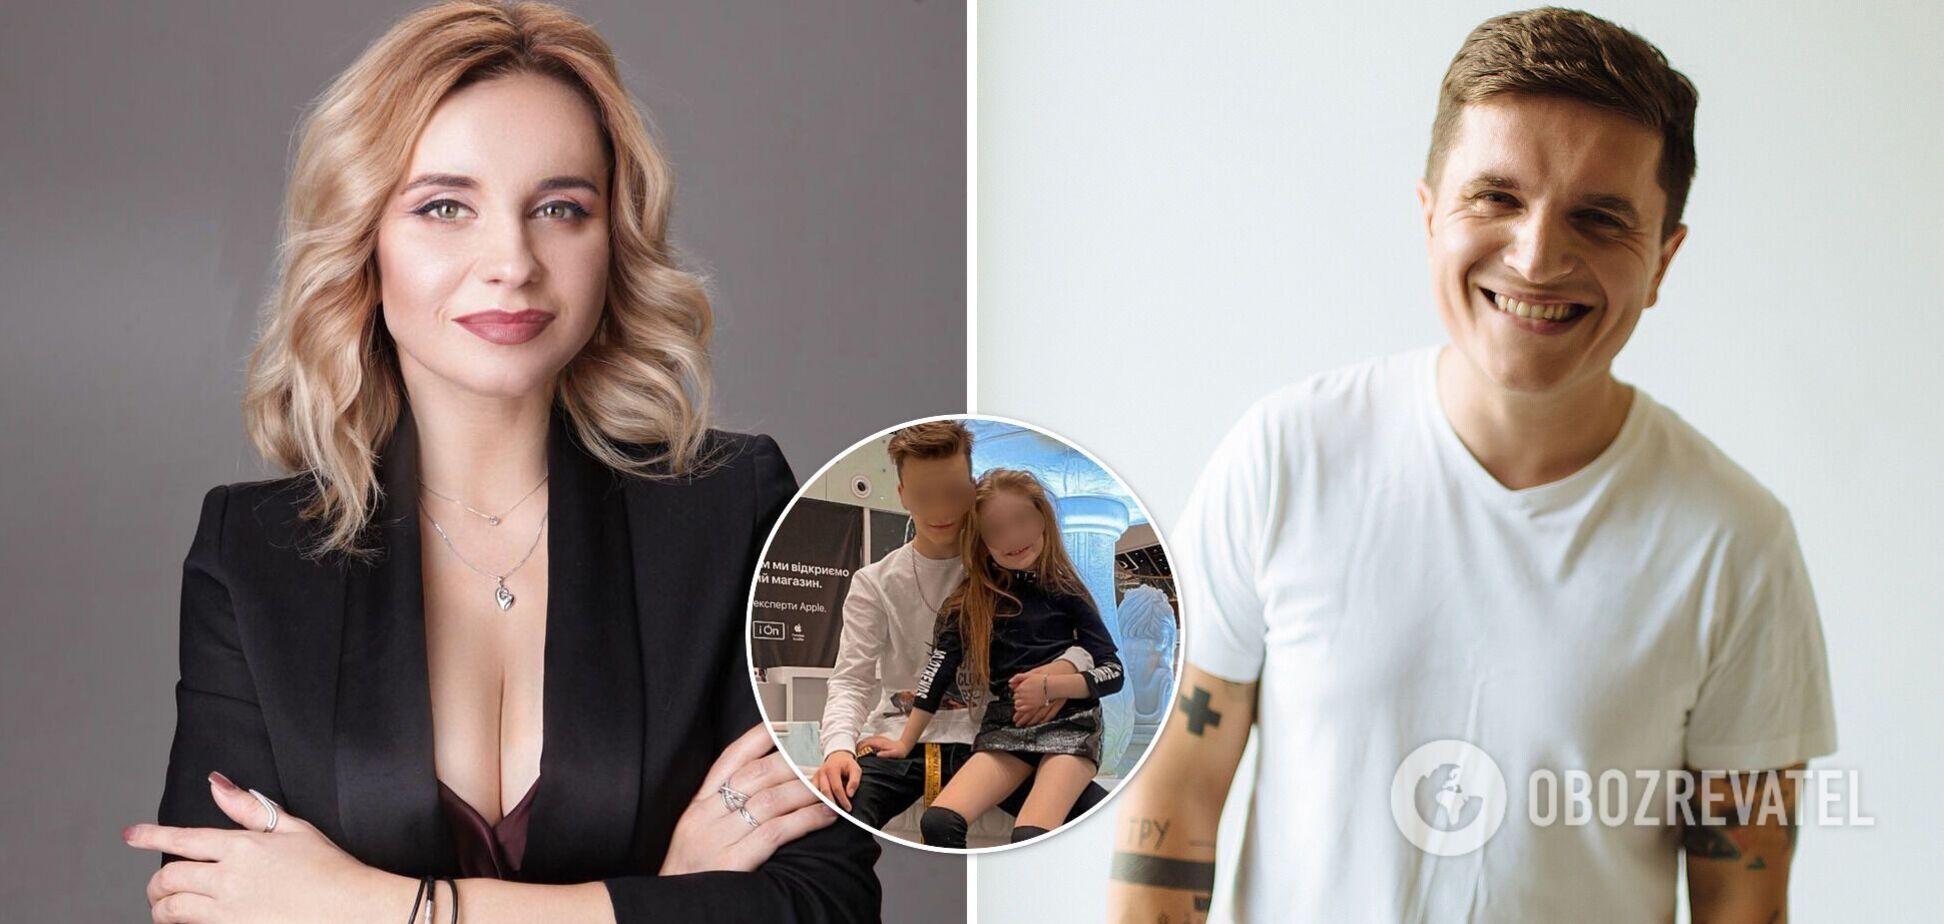 Украинские звезды высказались об отношениях 8-летней Маханец с блогером. Видео